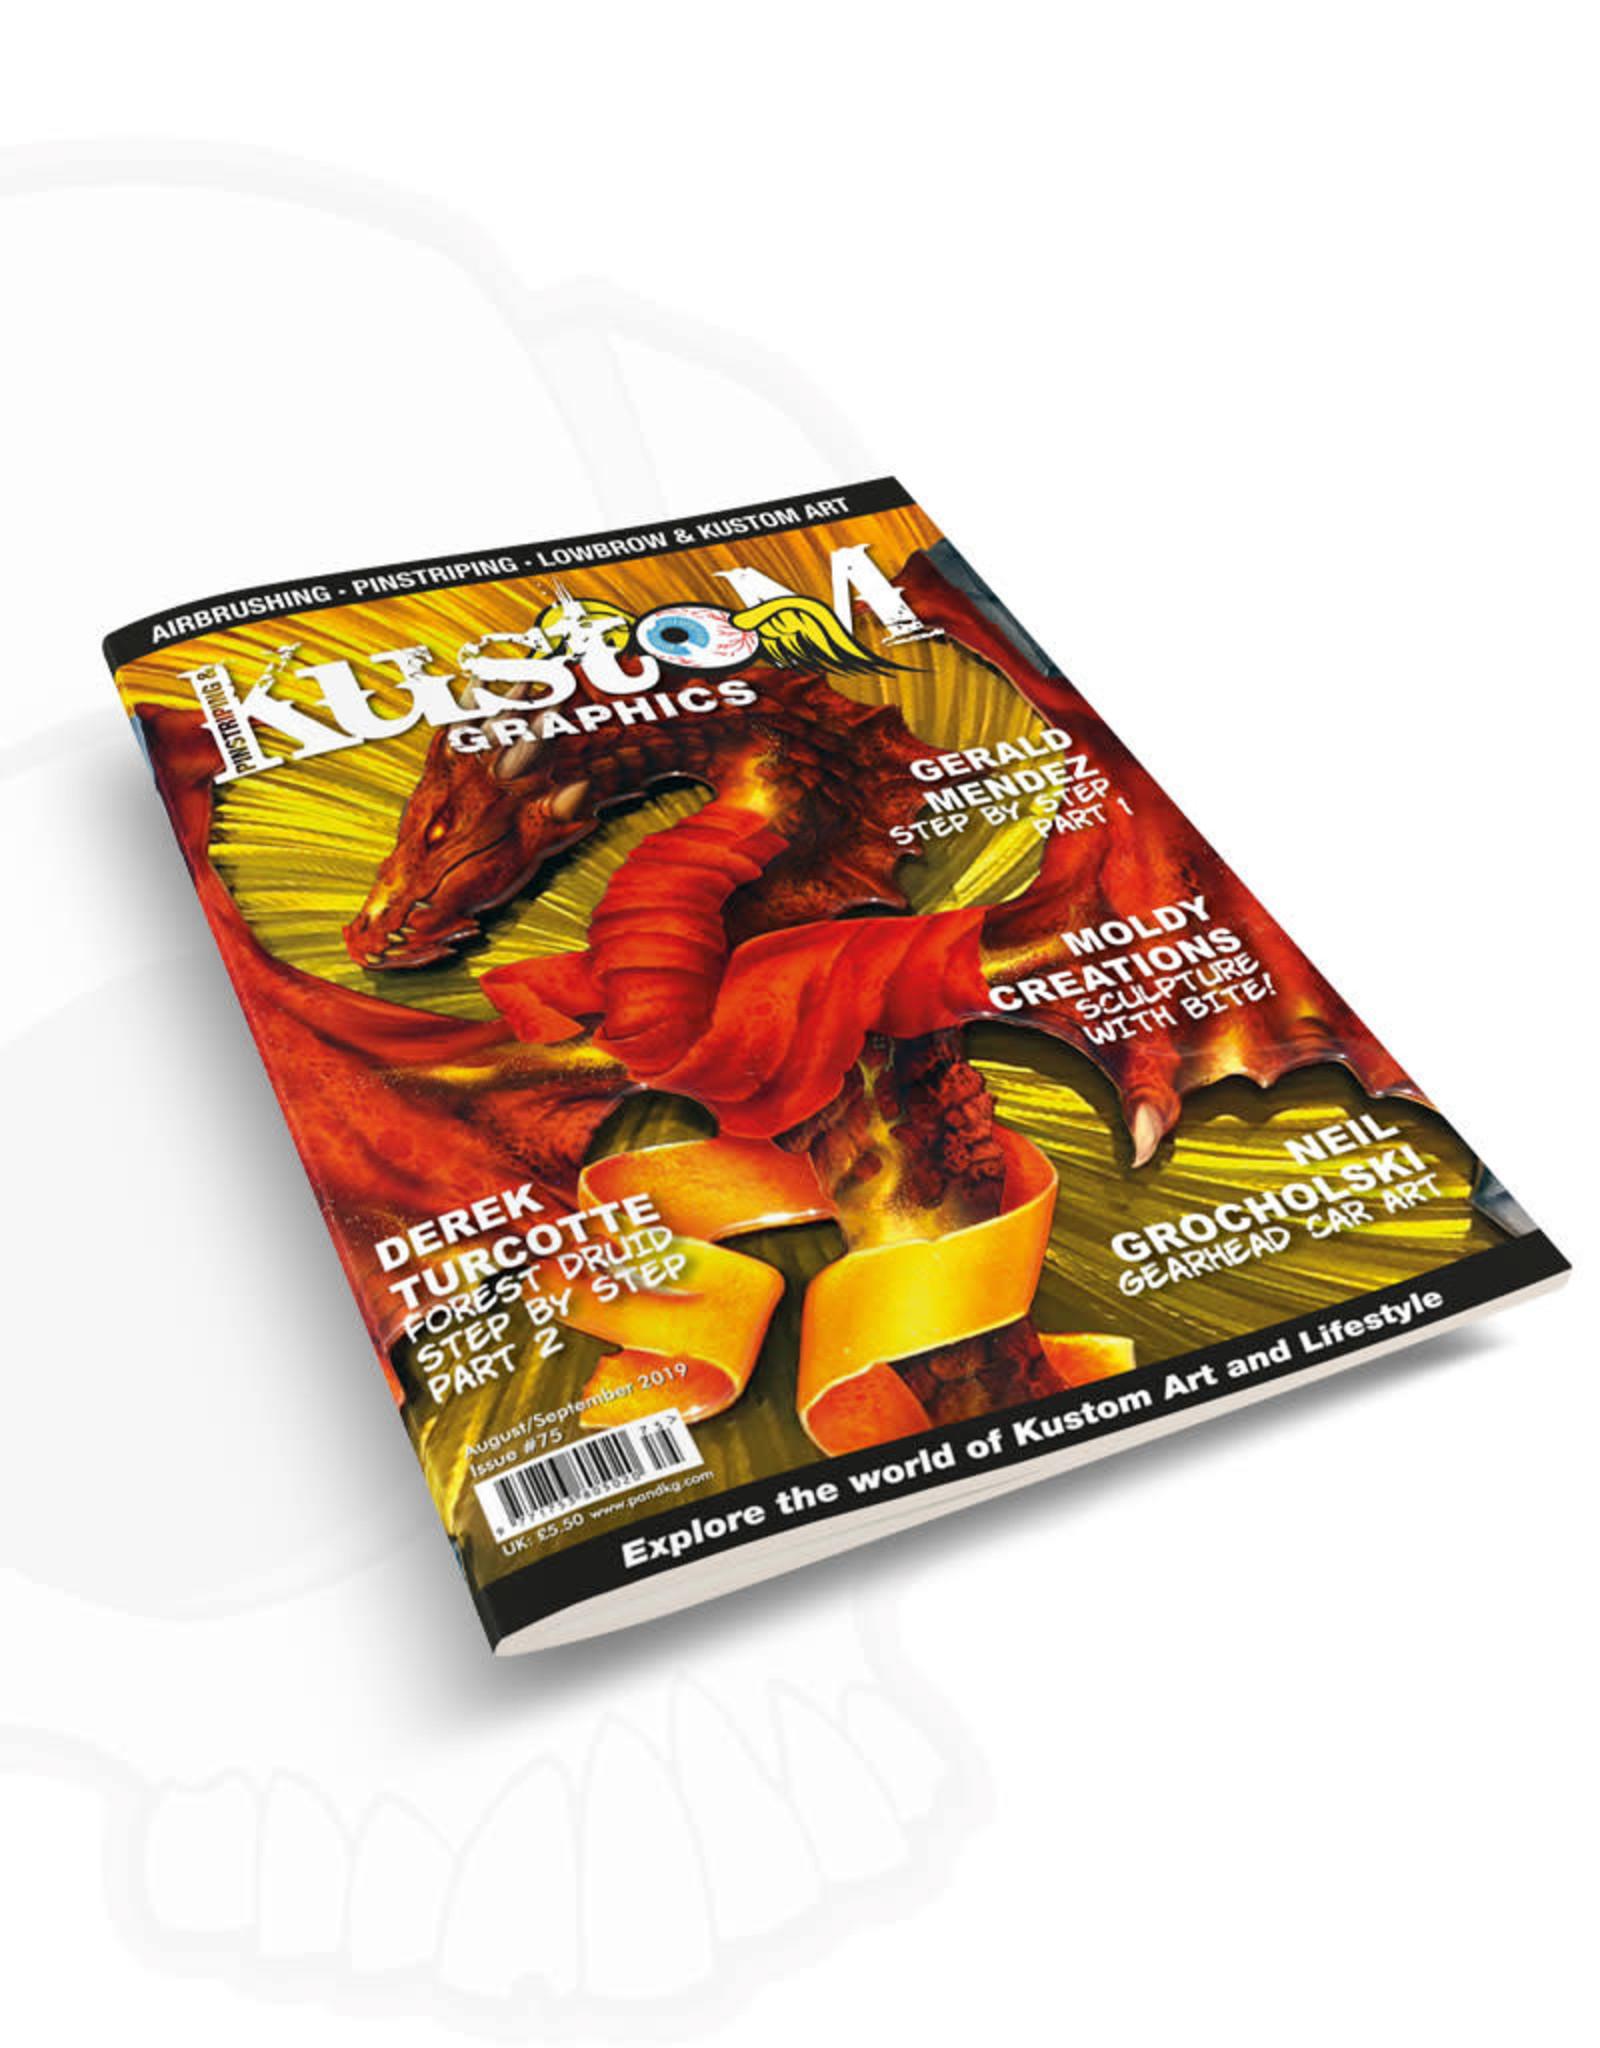 Pinstriping & Kustom Graphics magazine Pinstriping & Kustom Graphics magazine #75